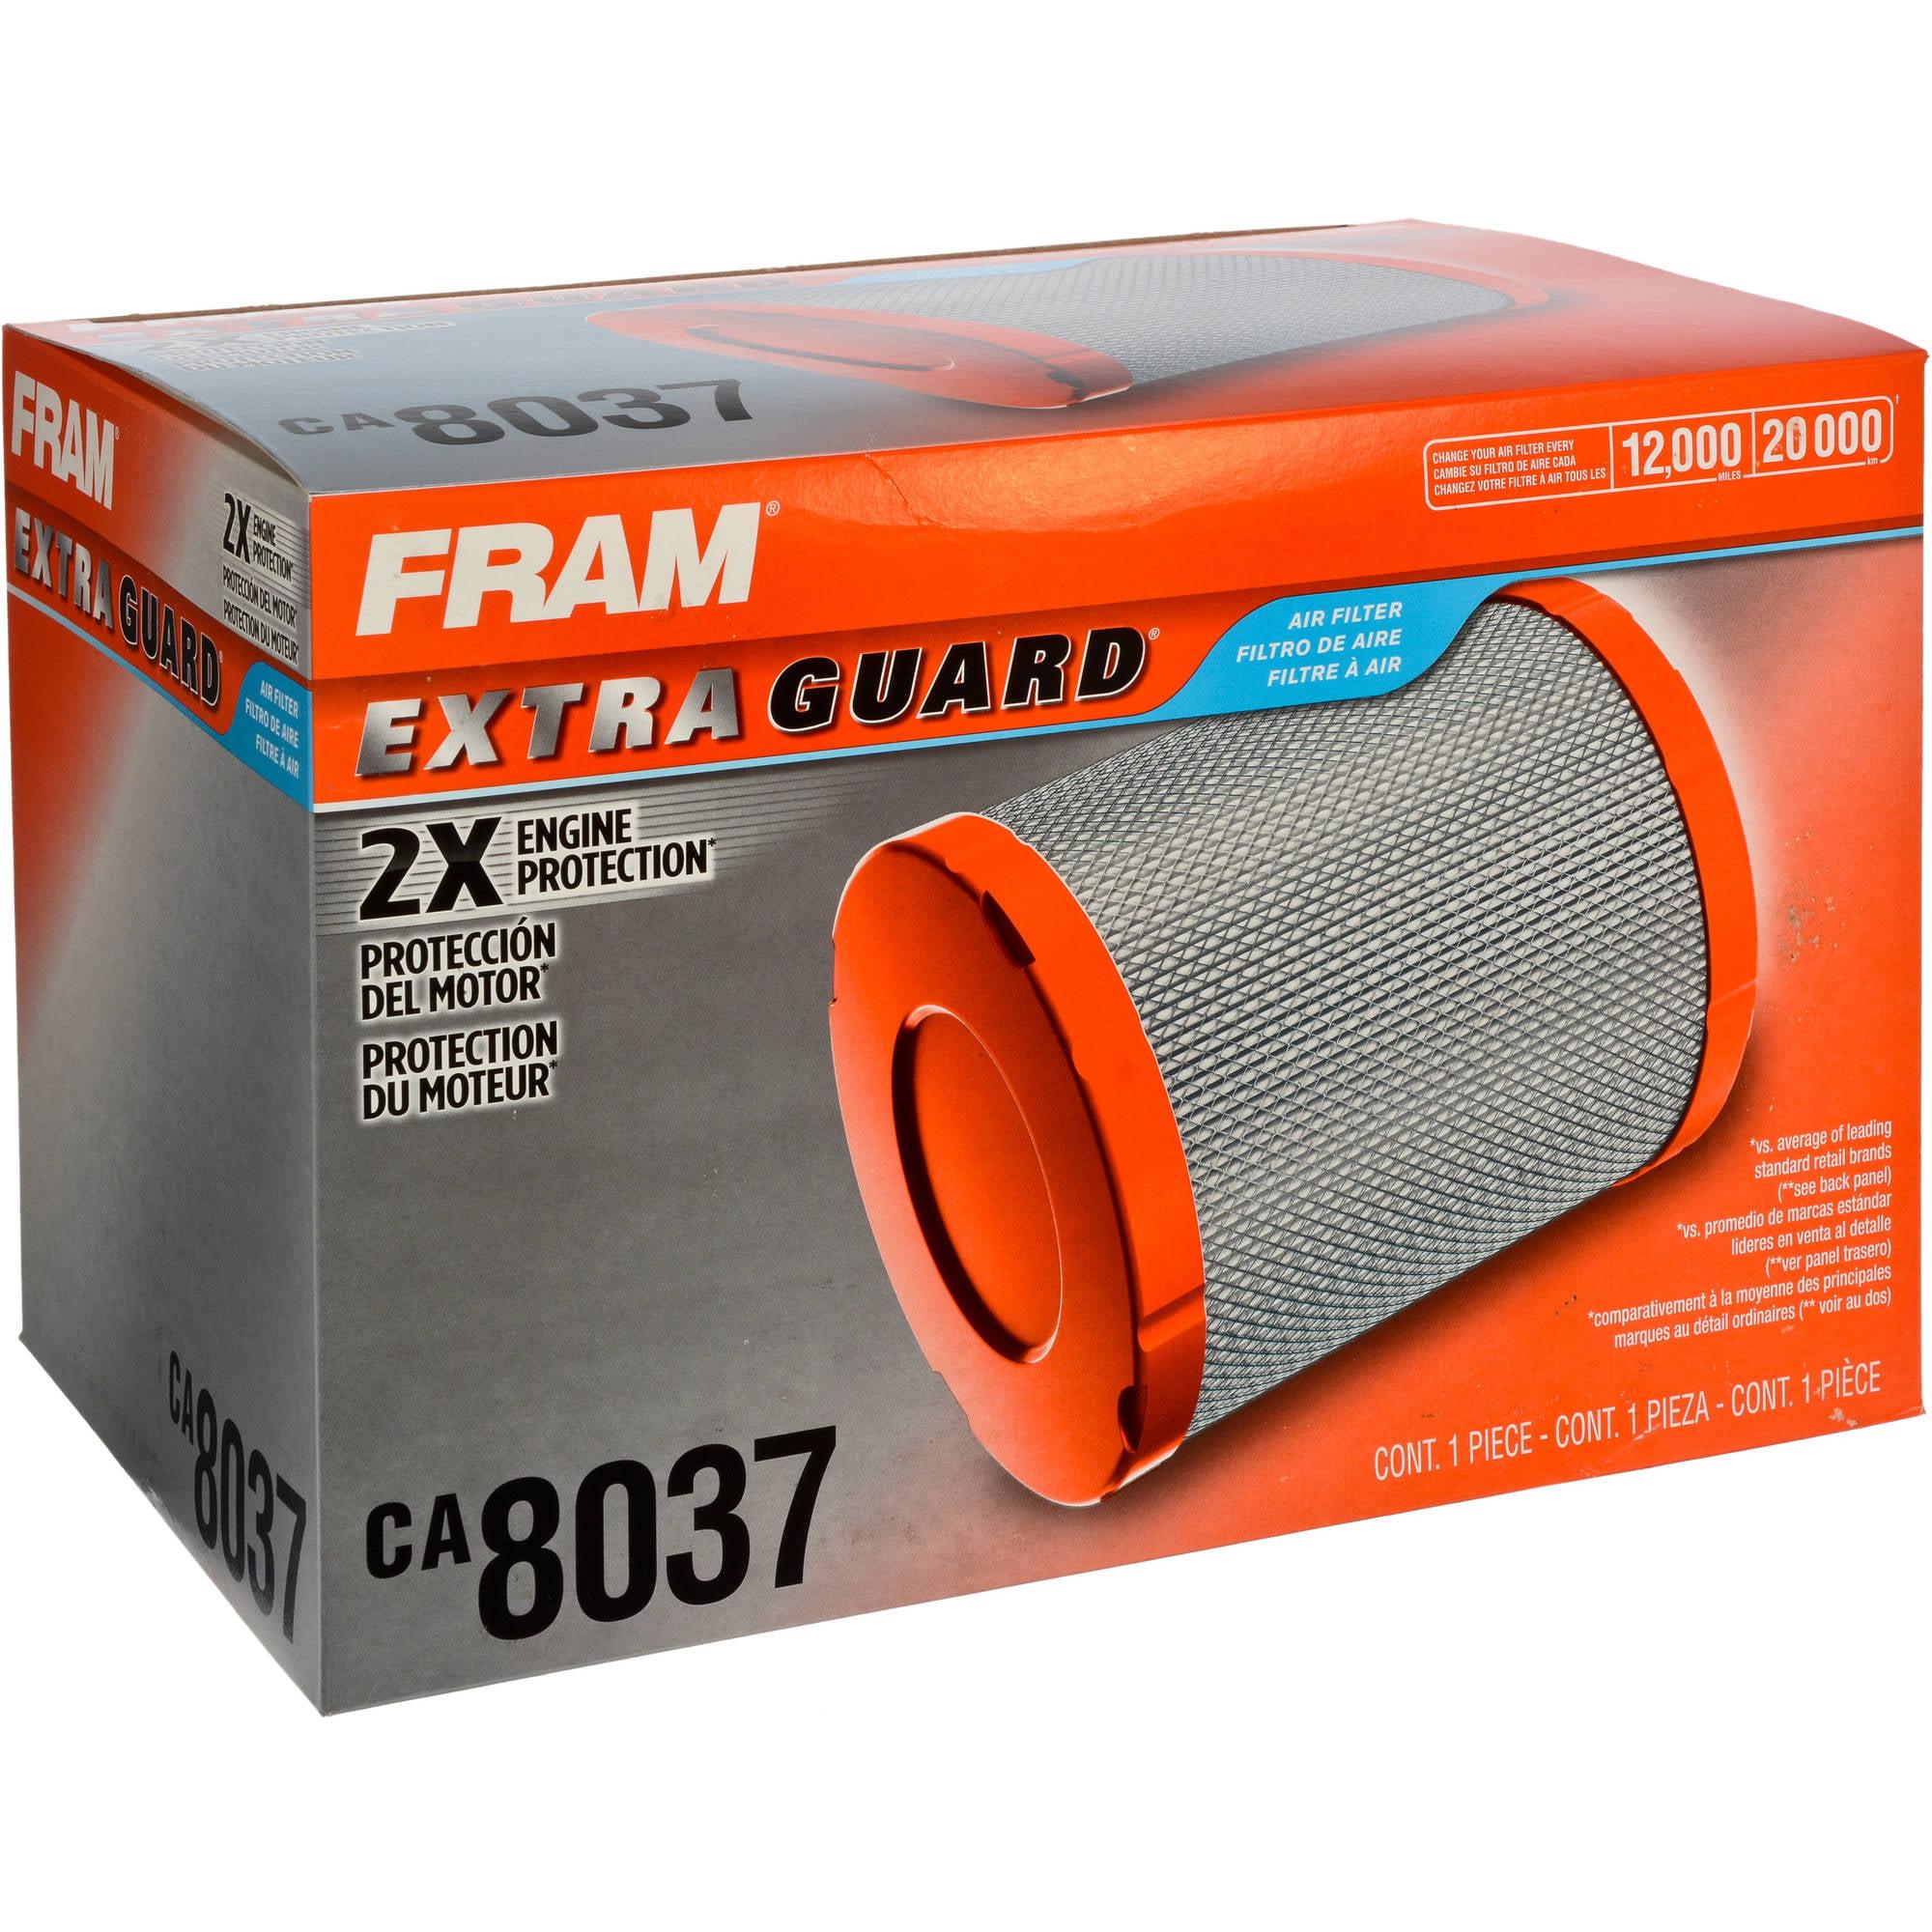 FRAM Extra Guard Air Filter, CA8037